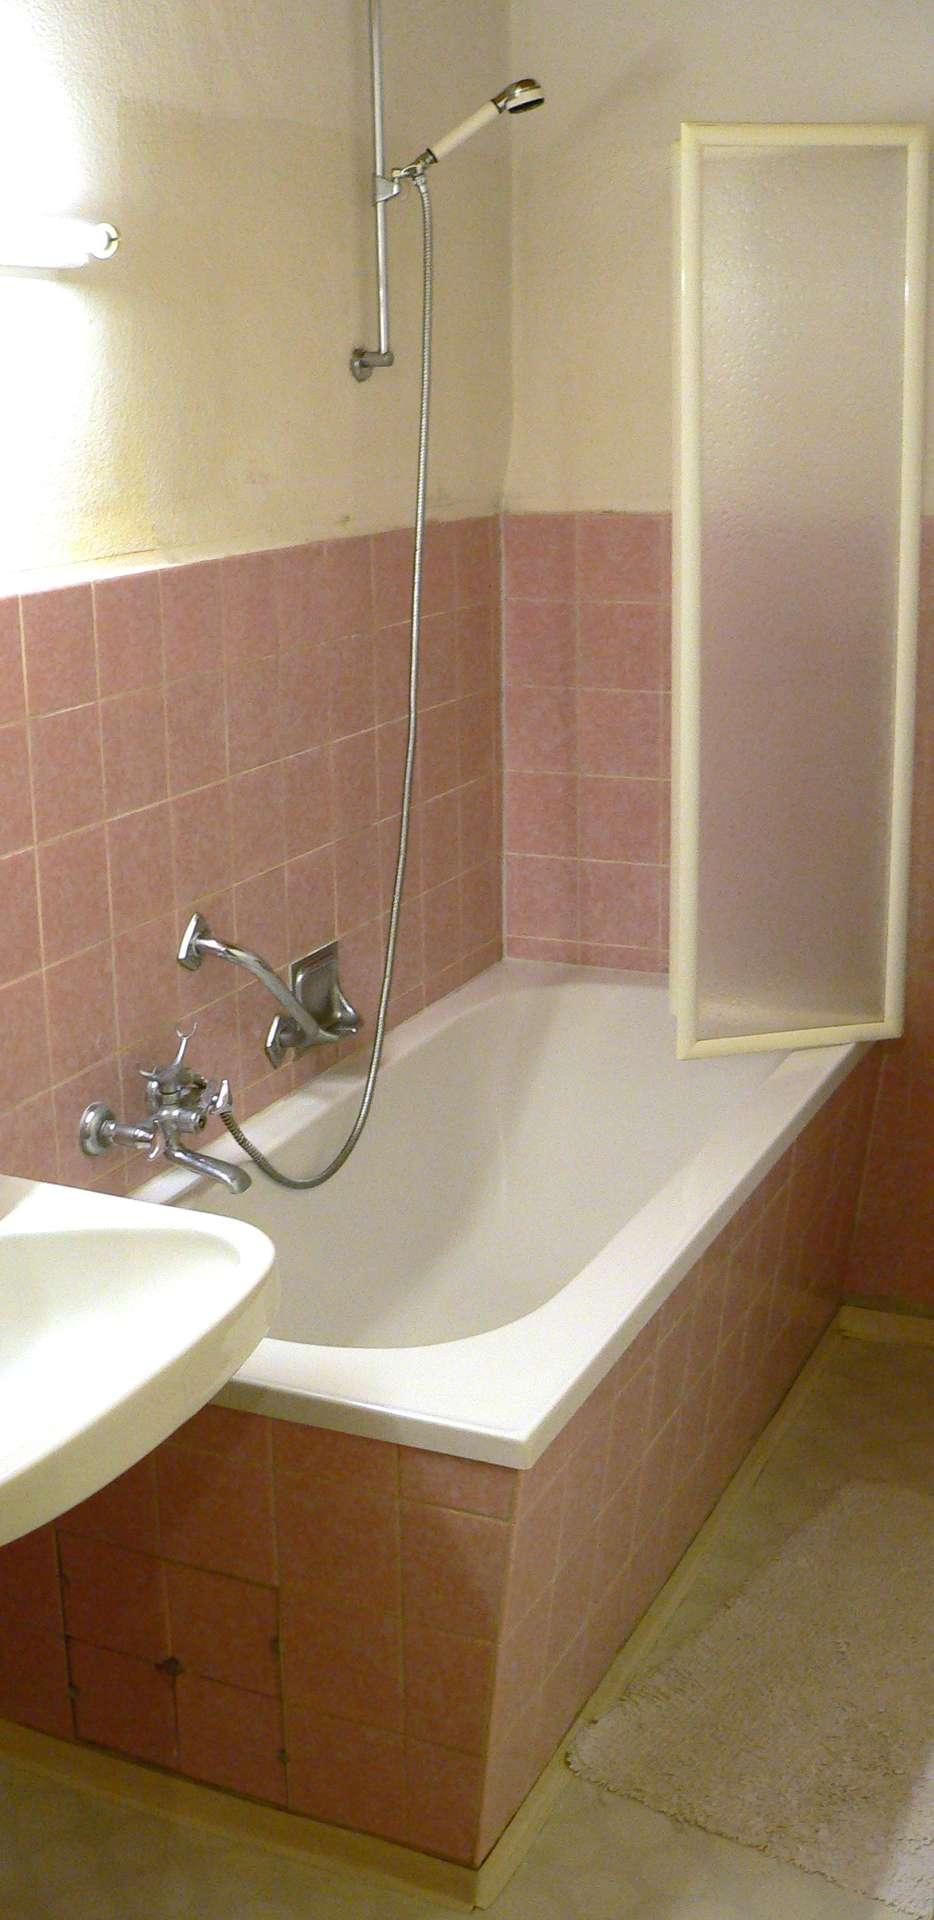 Une baignoire moderne allie confort et esthétique, s'intégrant harmonieusement à une salle de bain. © Frank C. Müller, CC BY-SA 2.5, Wikimedia Commons